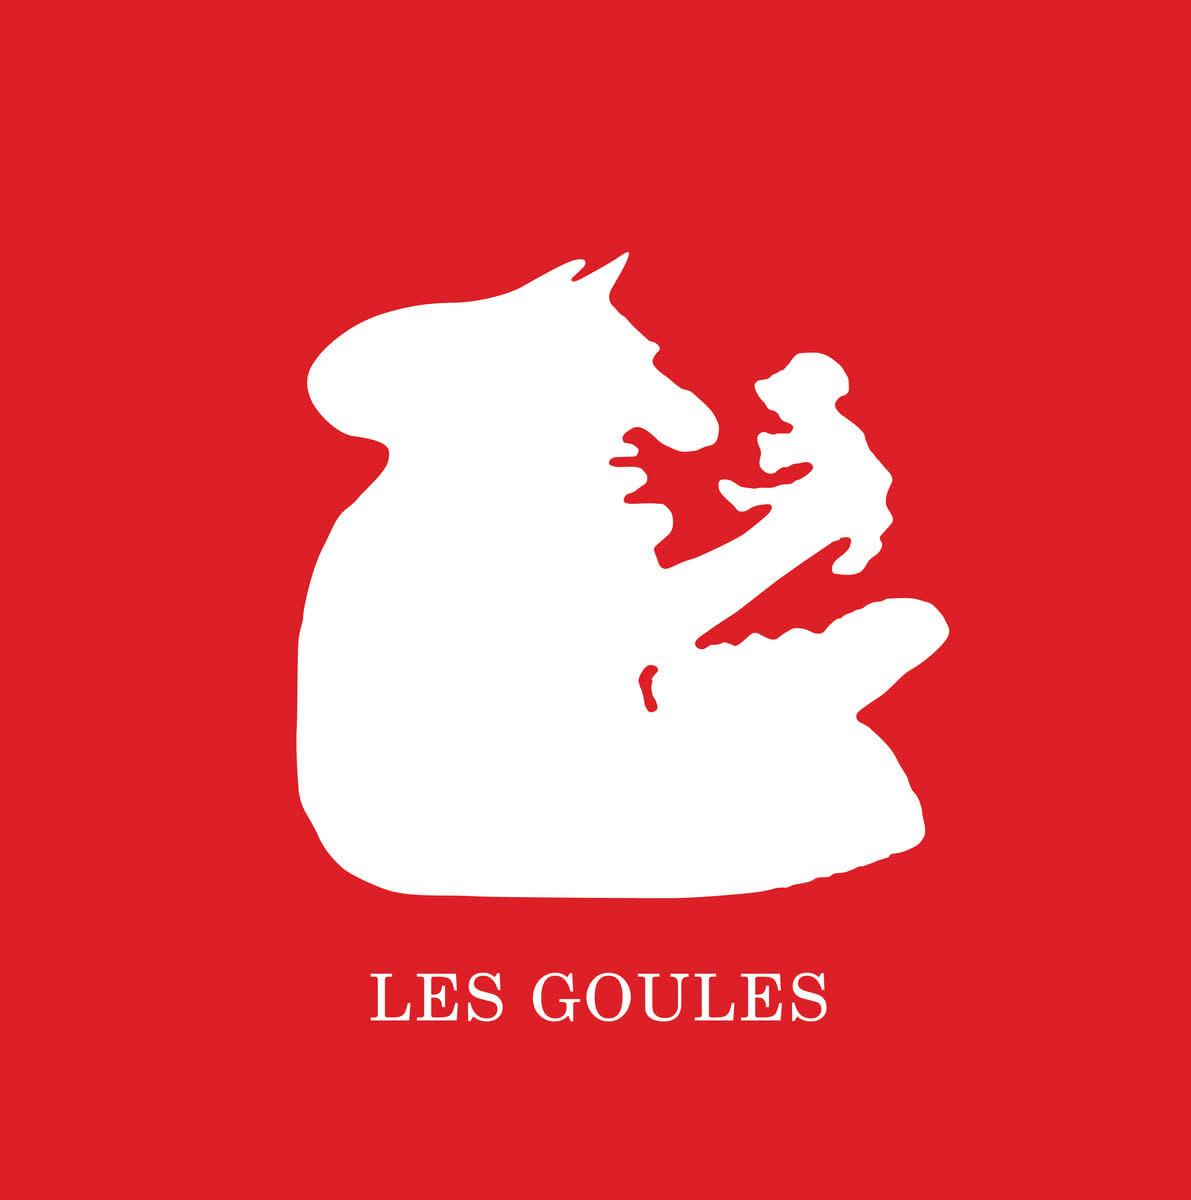 Les Goules • Les Goules-1